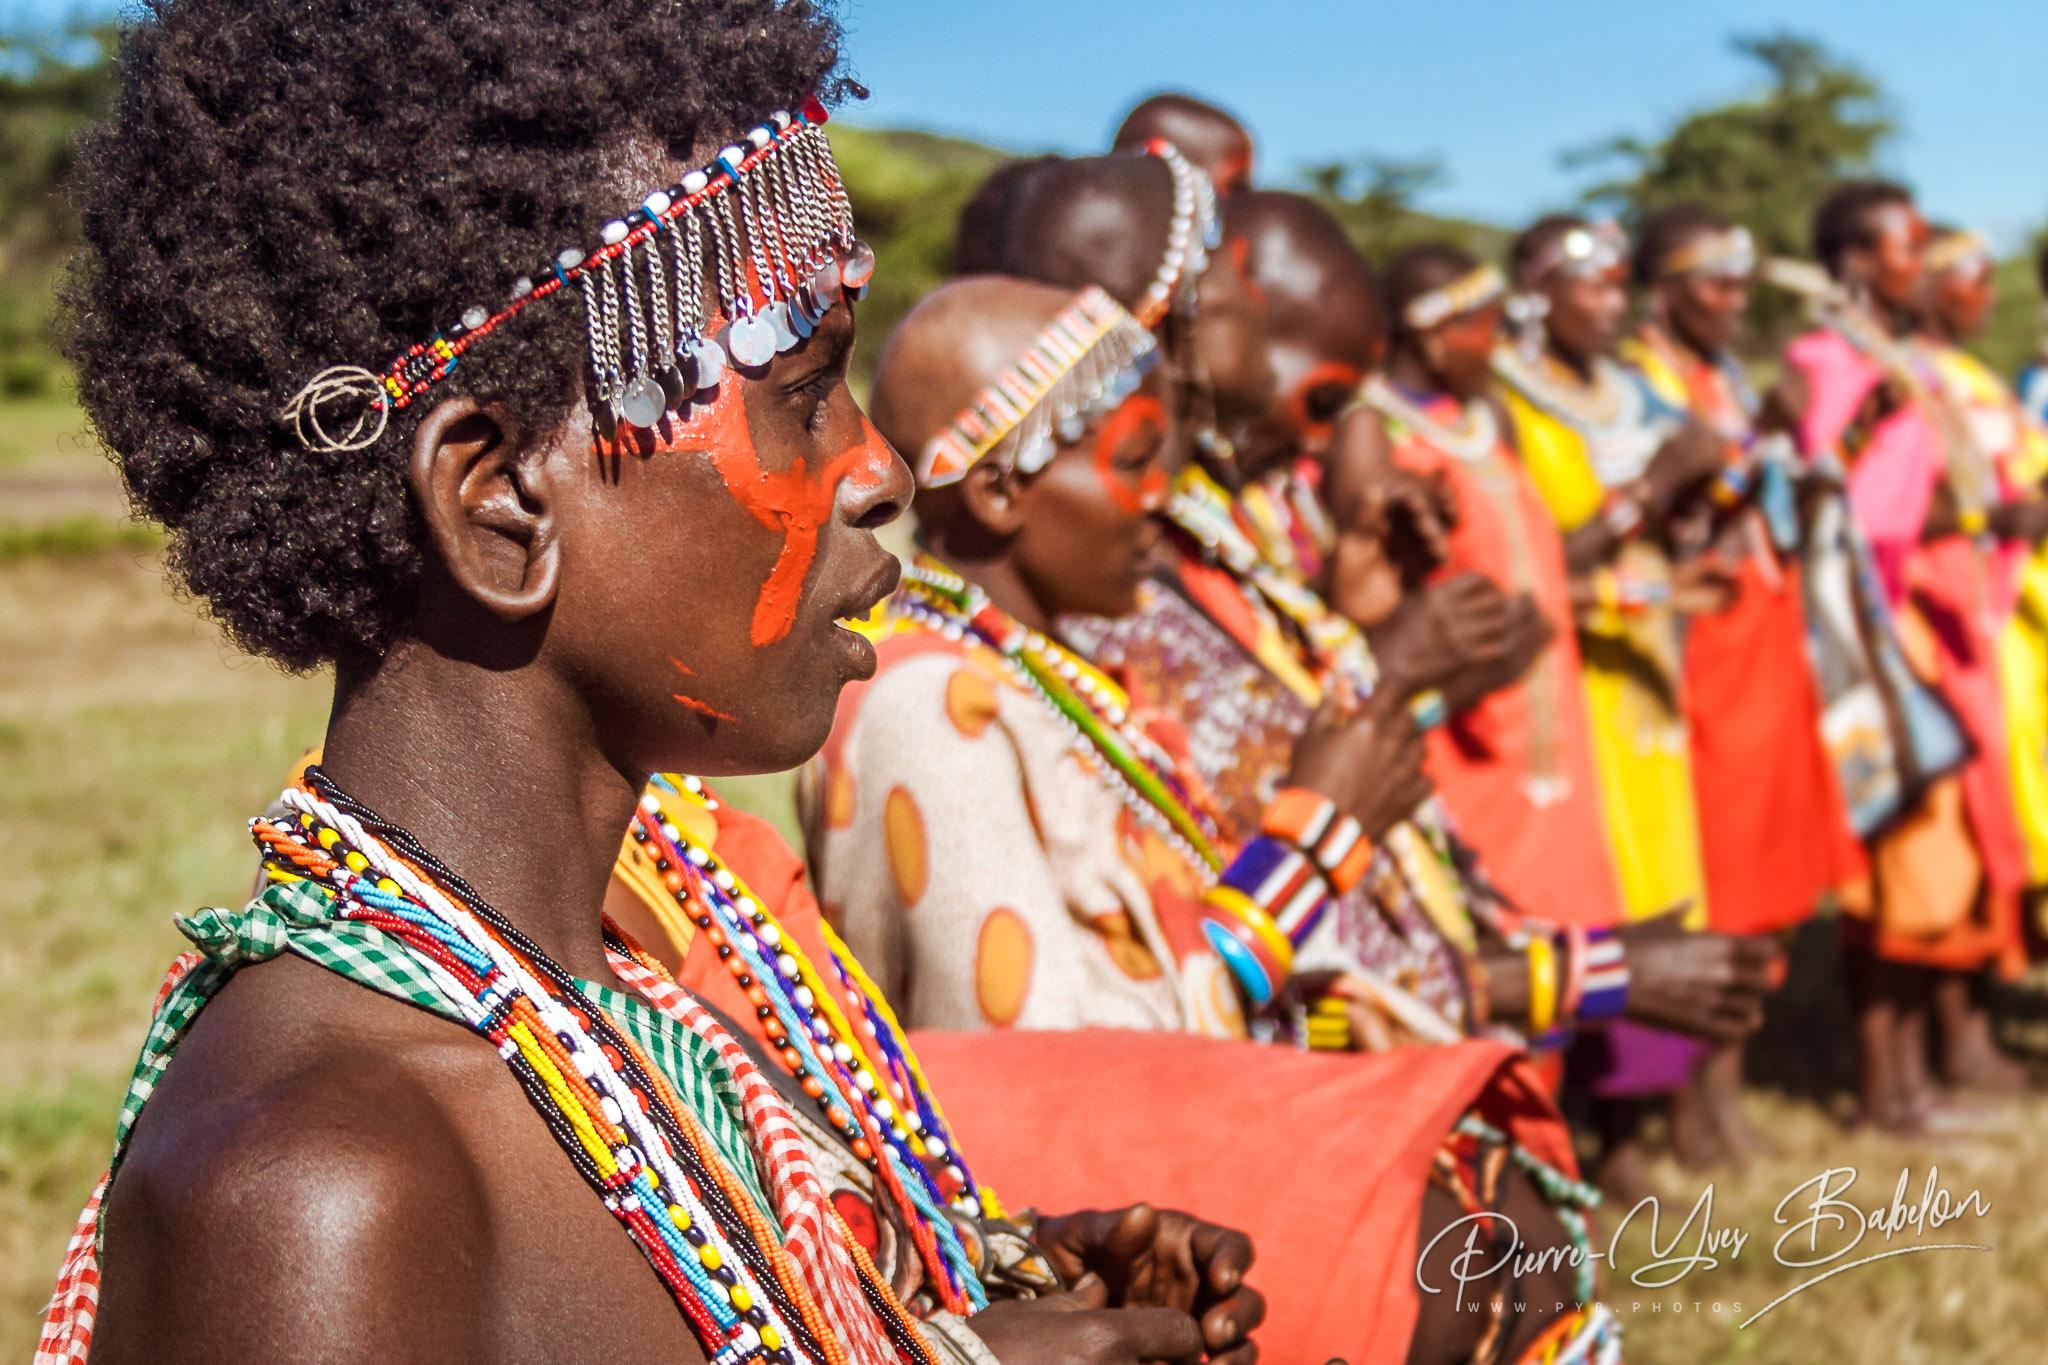 Femmes Masai du Kenya en costume traditionnel alignées lors d'une cérémonie